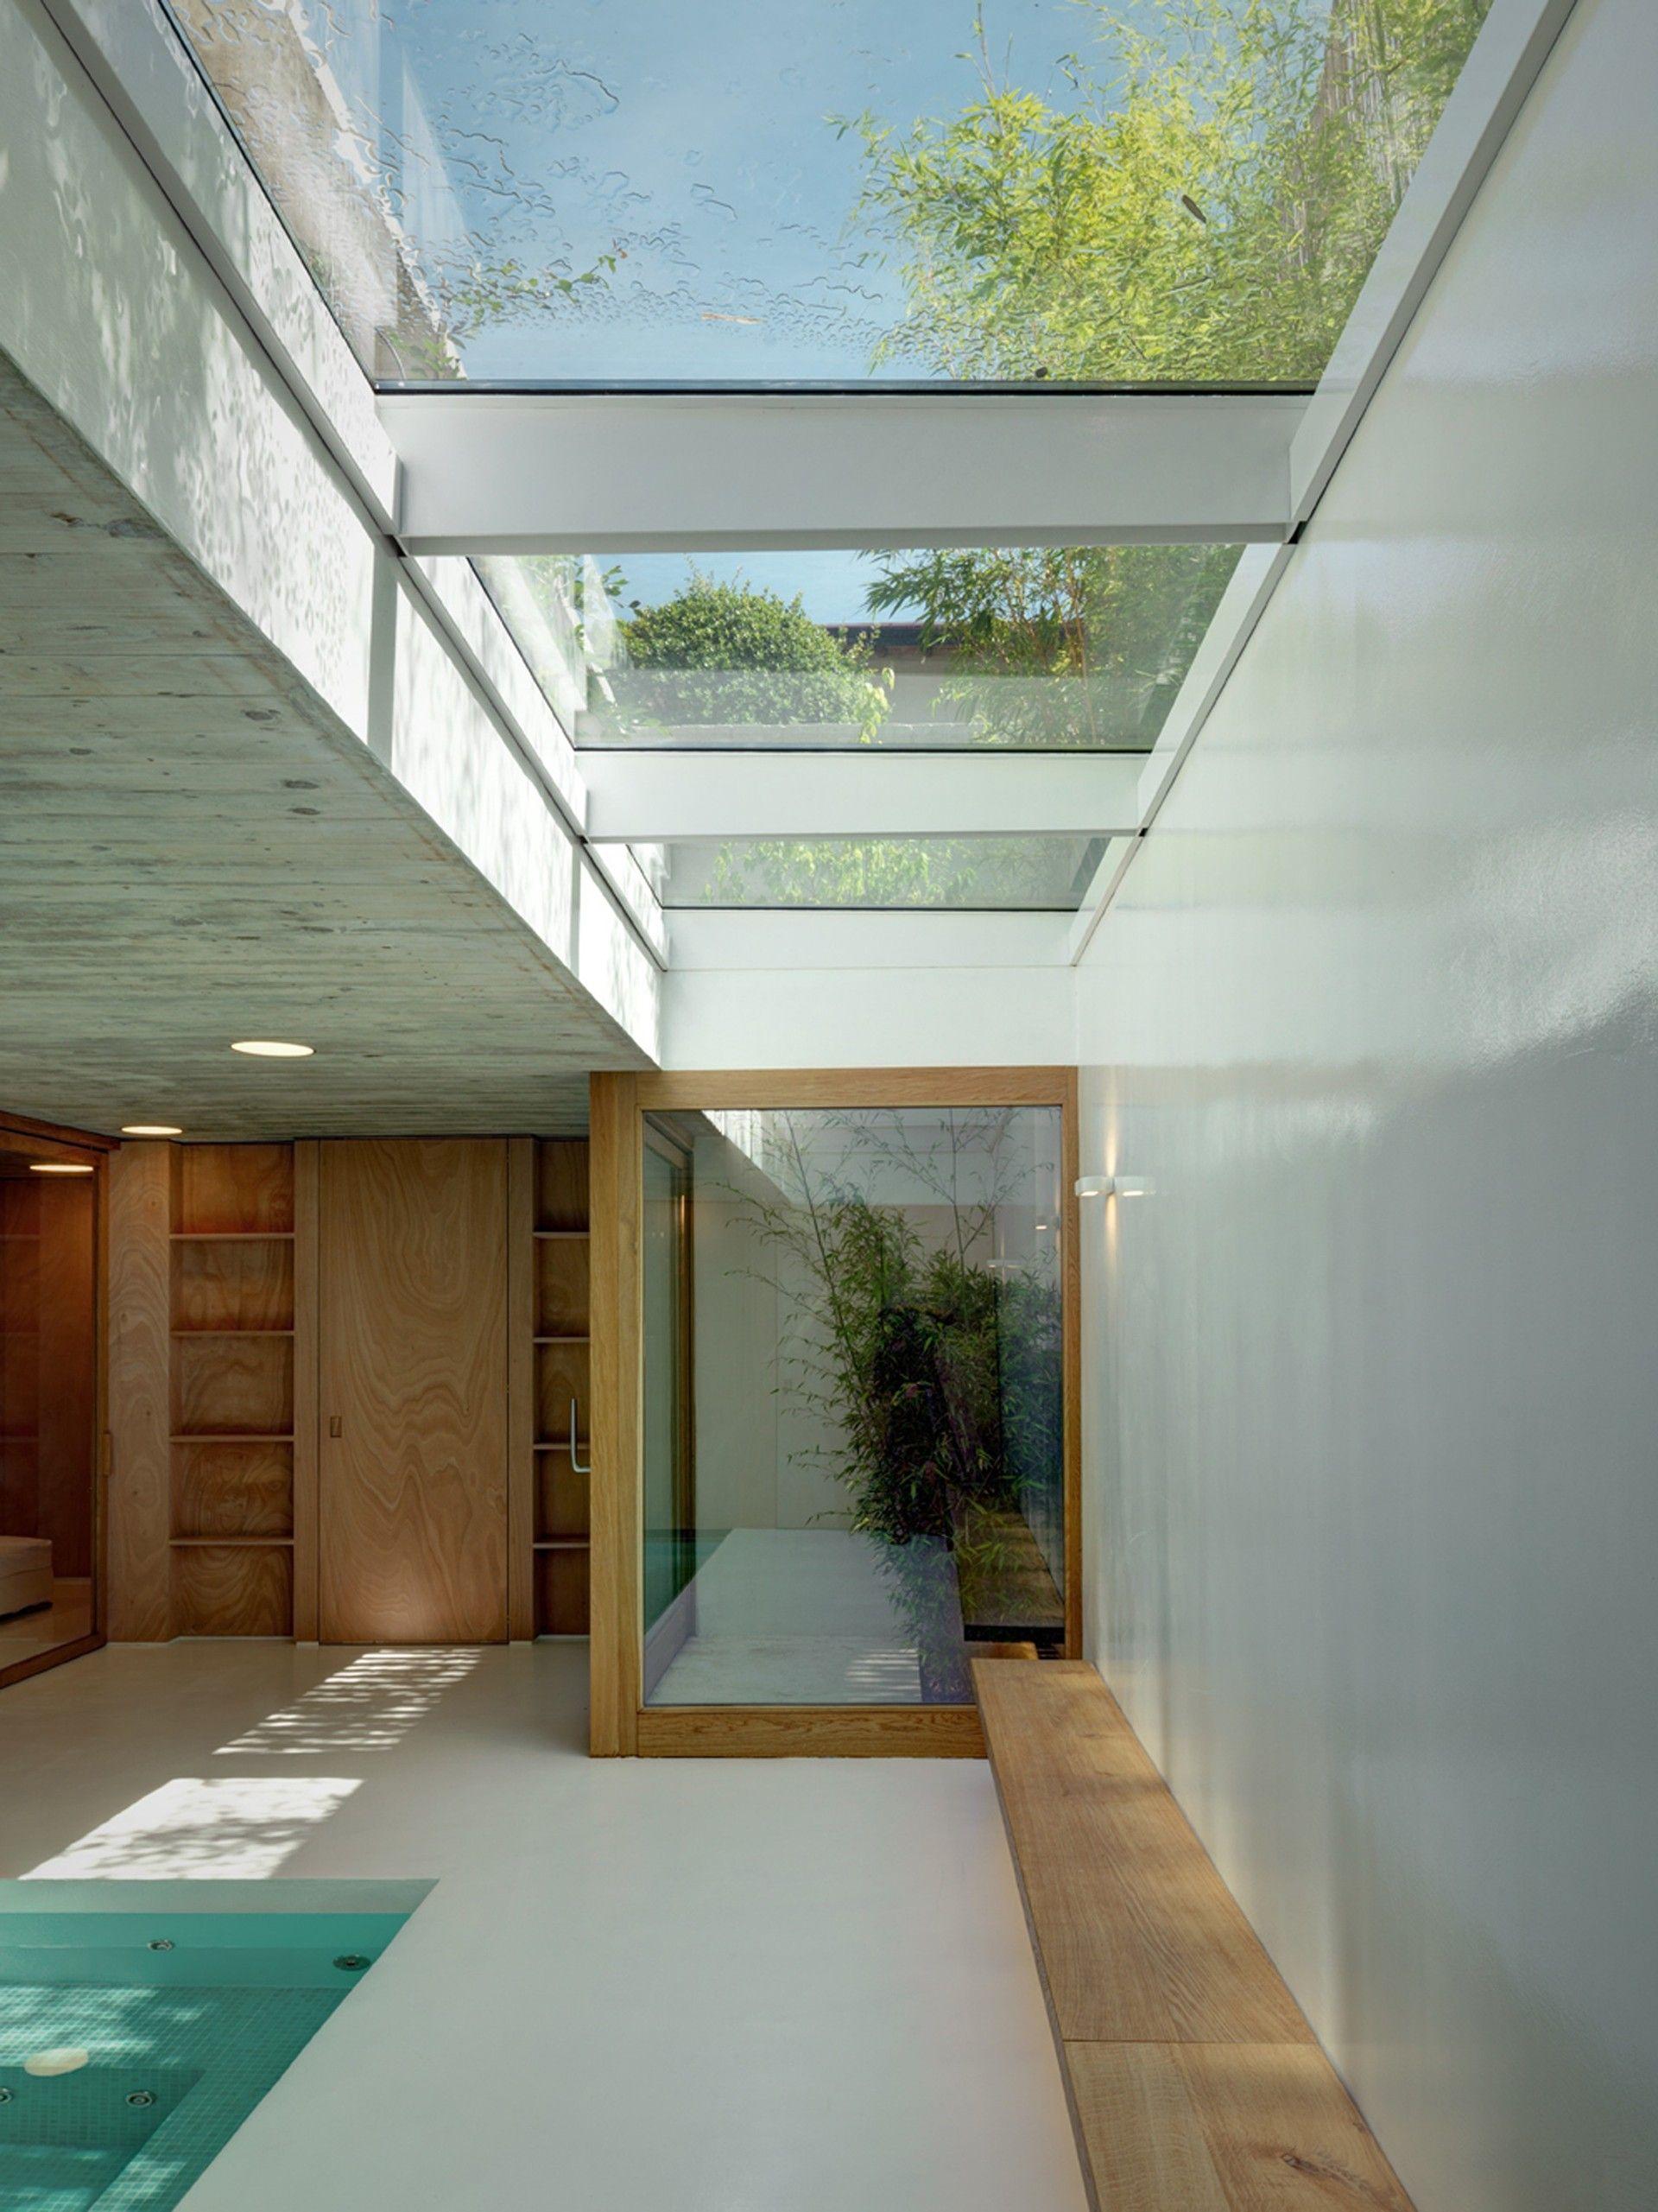 CASA RBS by Marco Ortallli Architects. Photo © Marcello Mariana ...